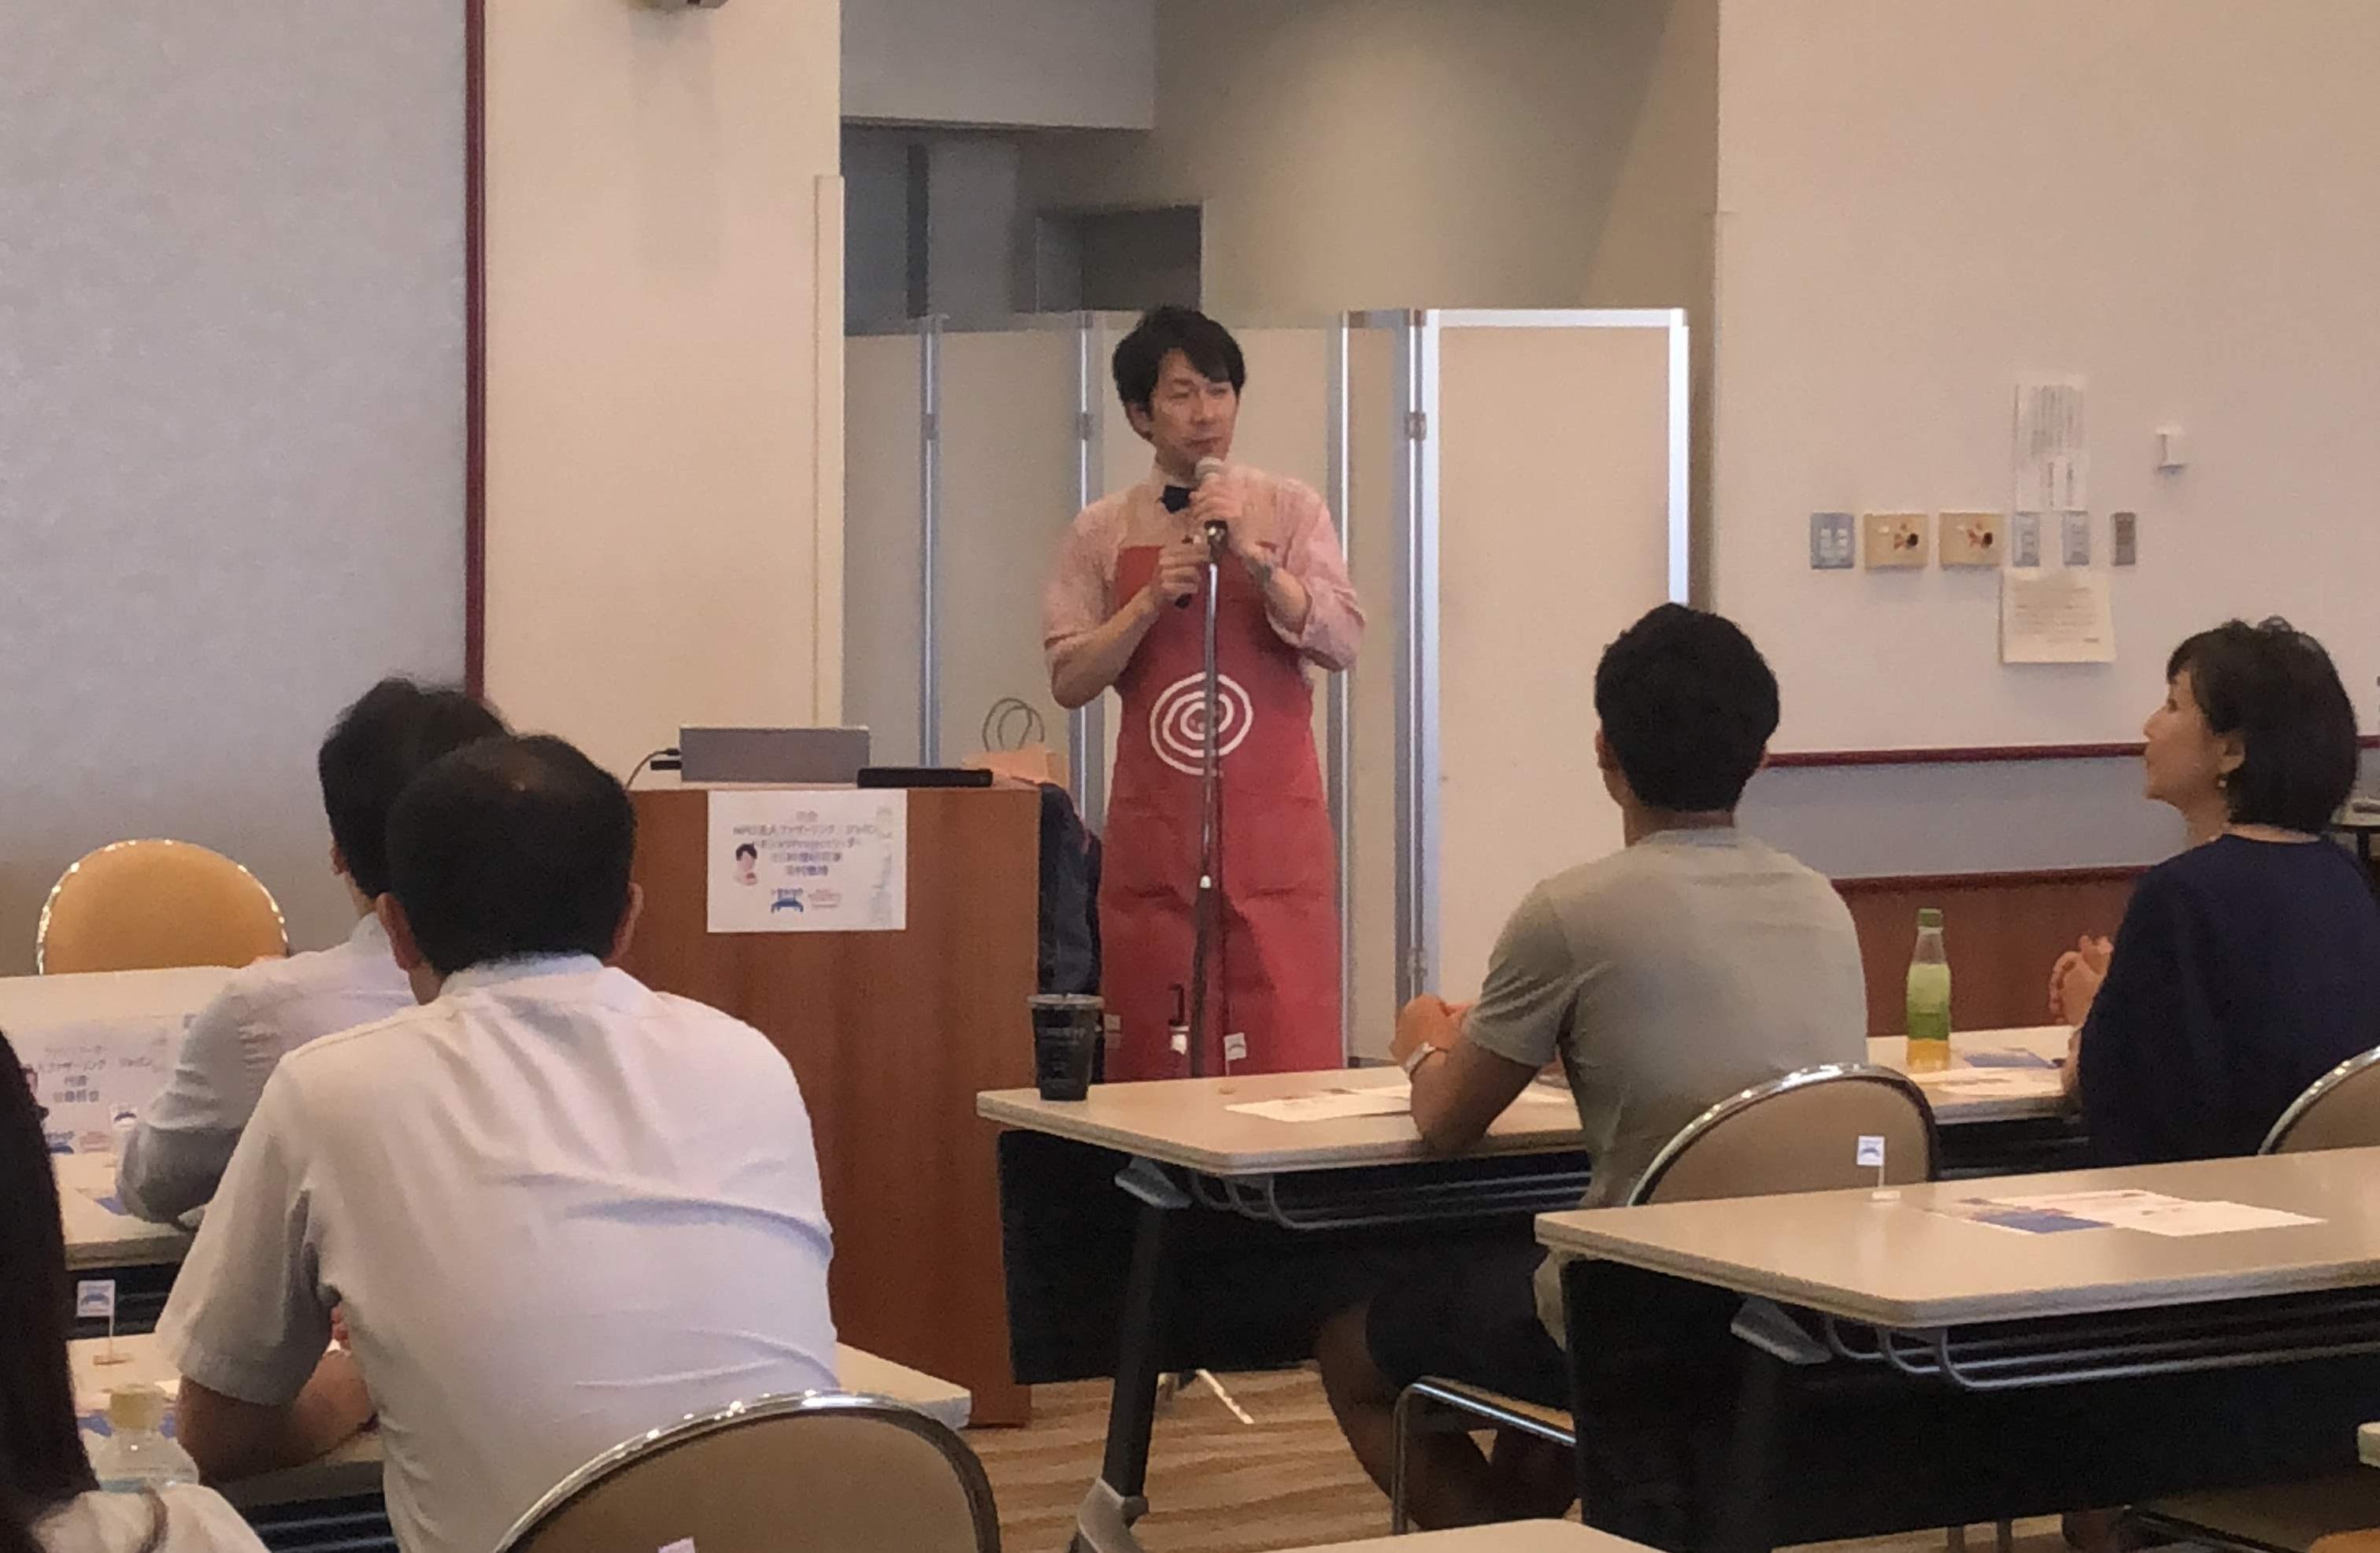 トモショクproject,トモショク プロジェクト,パパ料理研究家 滝村雅晴,ファザーリングジャパン